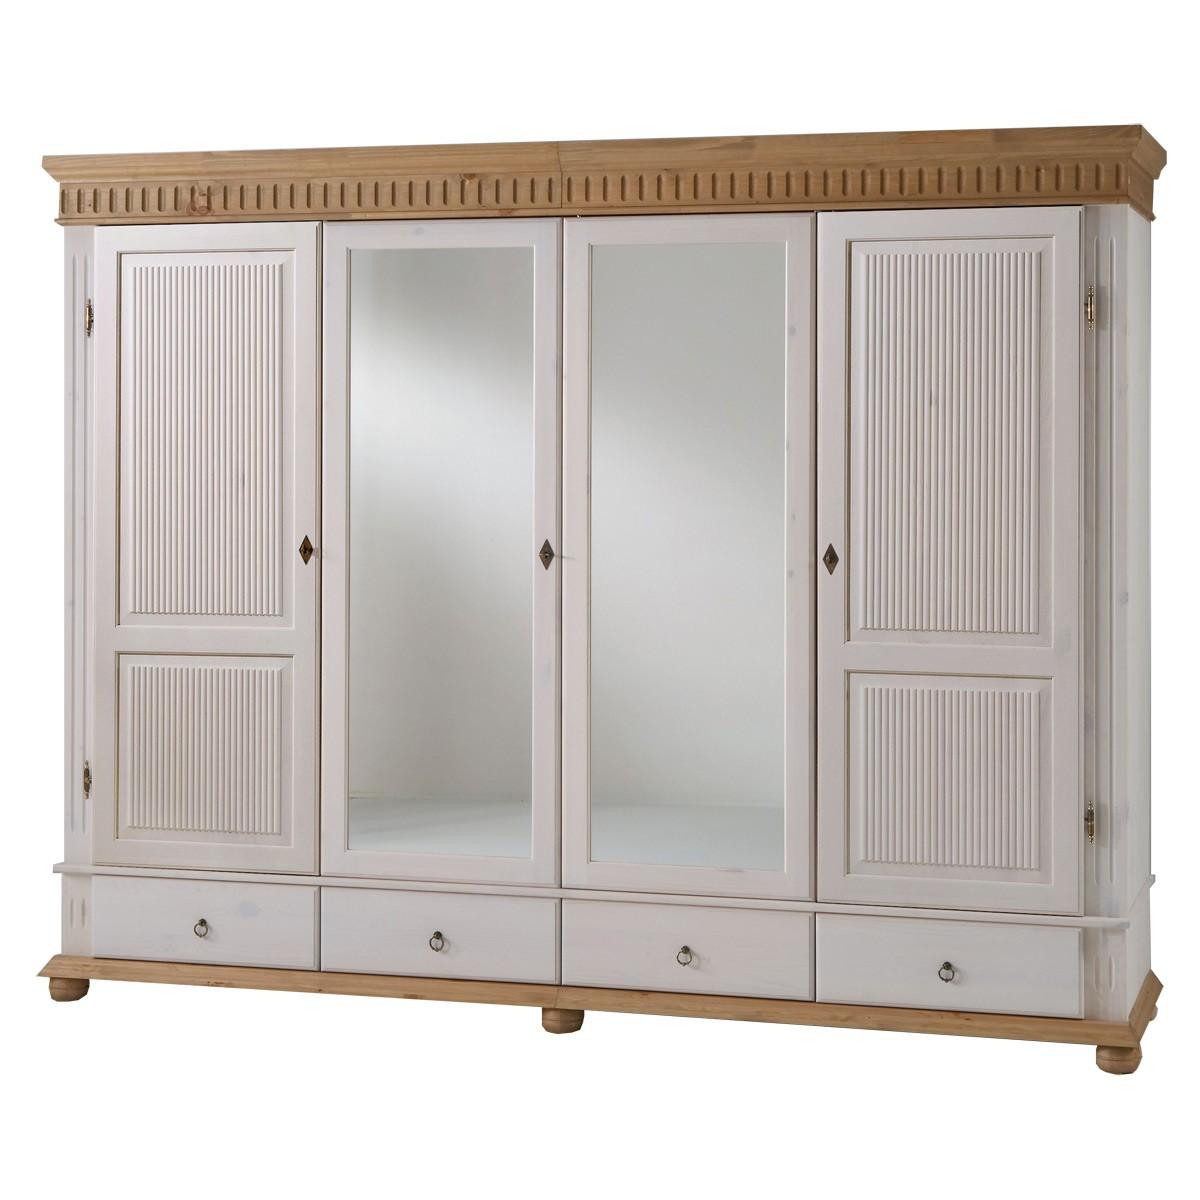 kleiderschrank massivholz antik wei haus design und m bel ideen. Black Bedroom Furniture Sets. Home Design Ideas